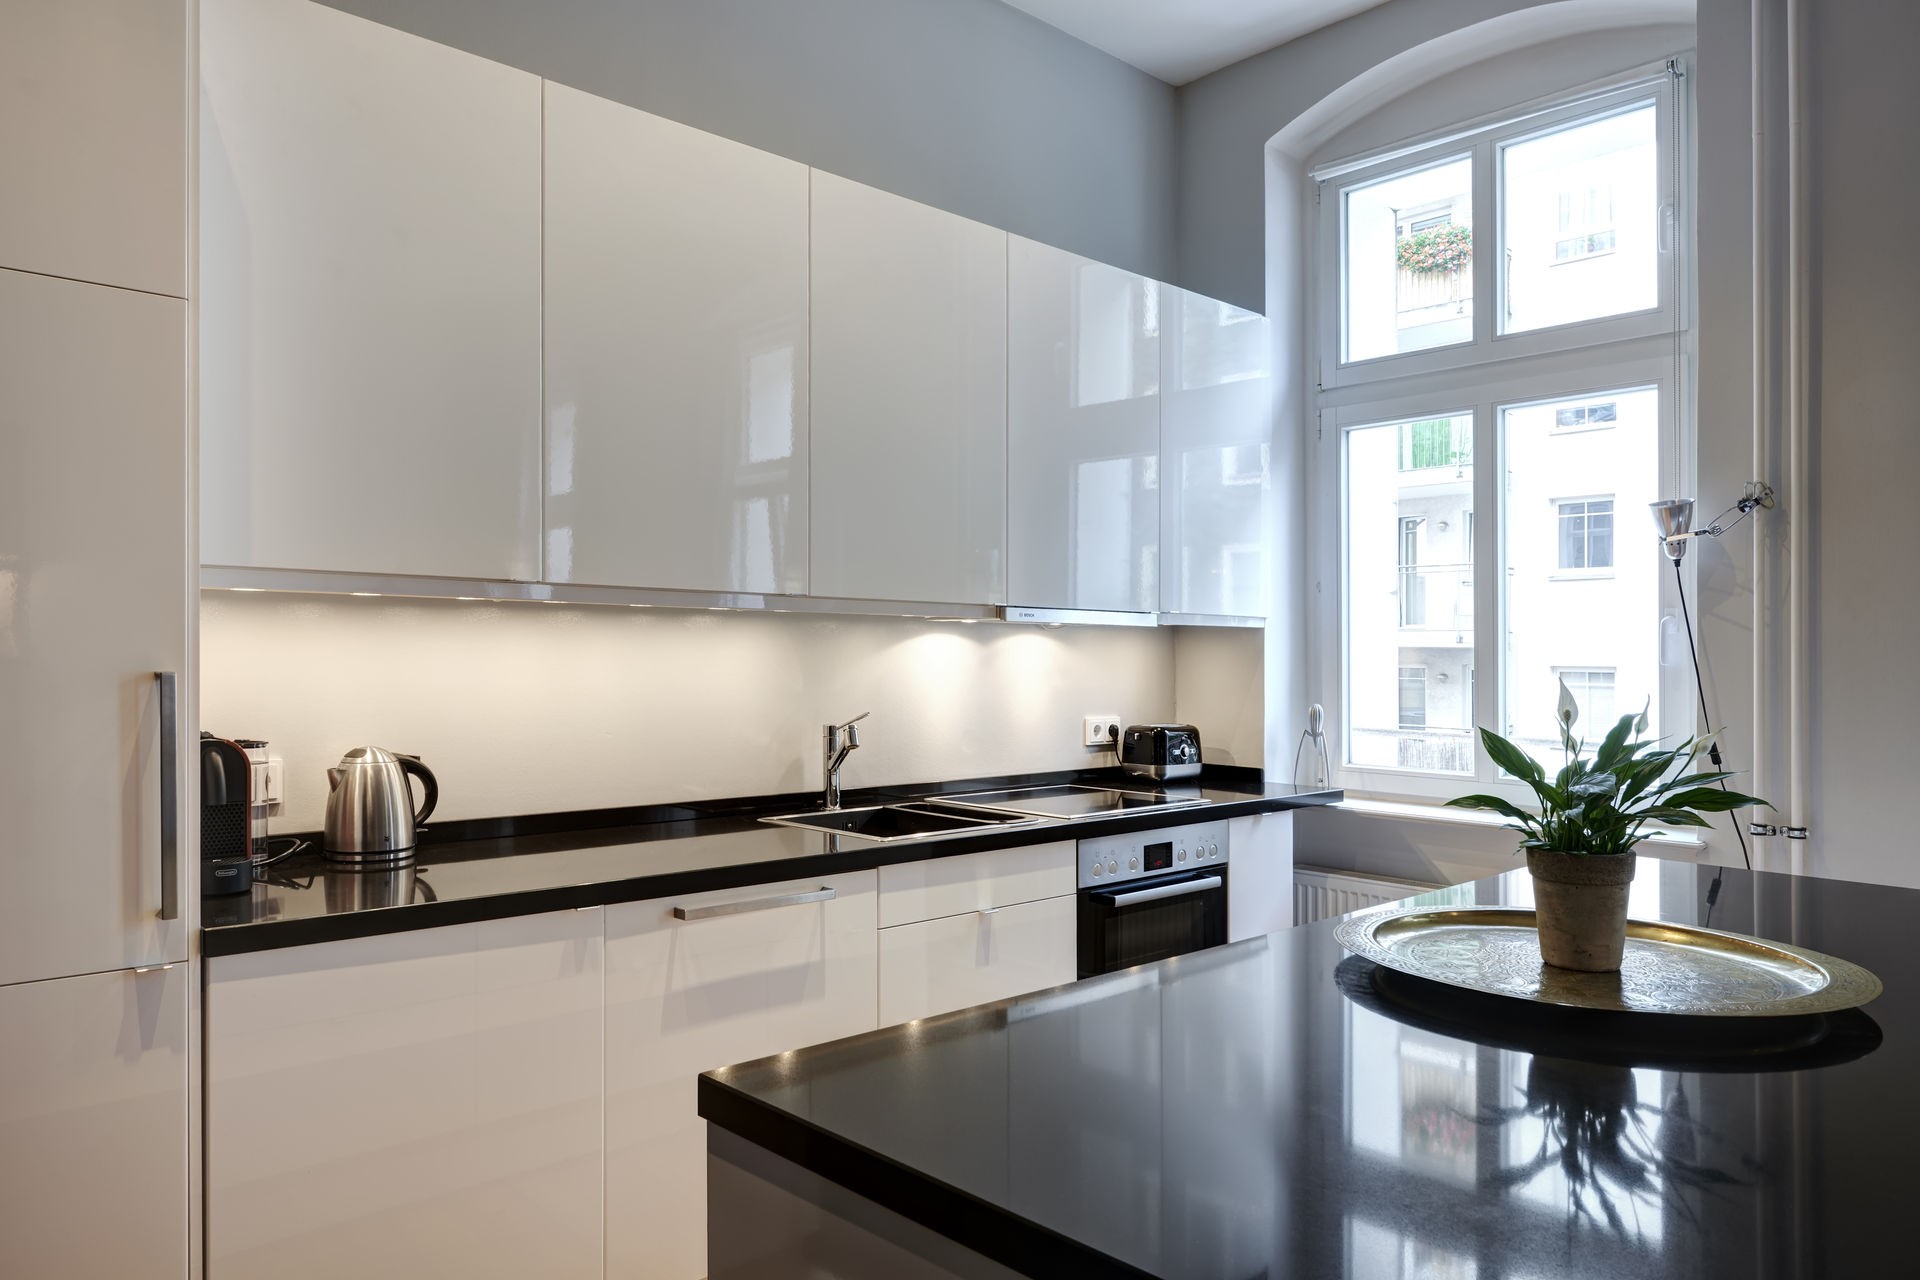 Outdoorküche Zubehör Berlin : Küche sofort lieferbar berlin outdoor küche wasserburg fliesen